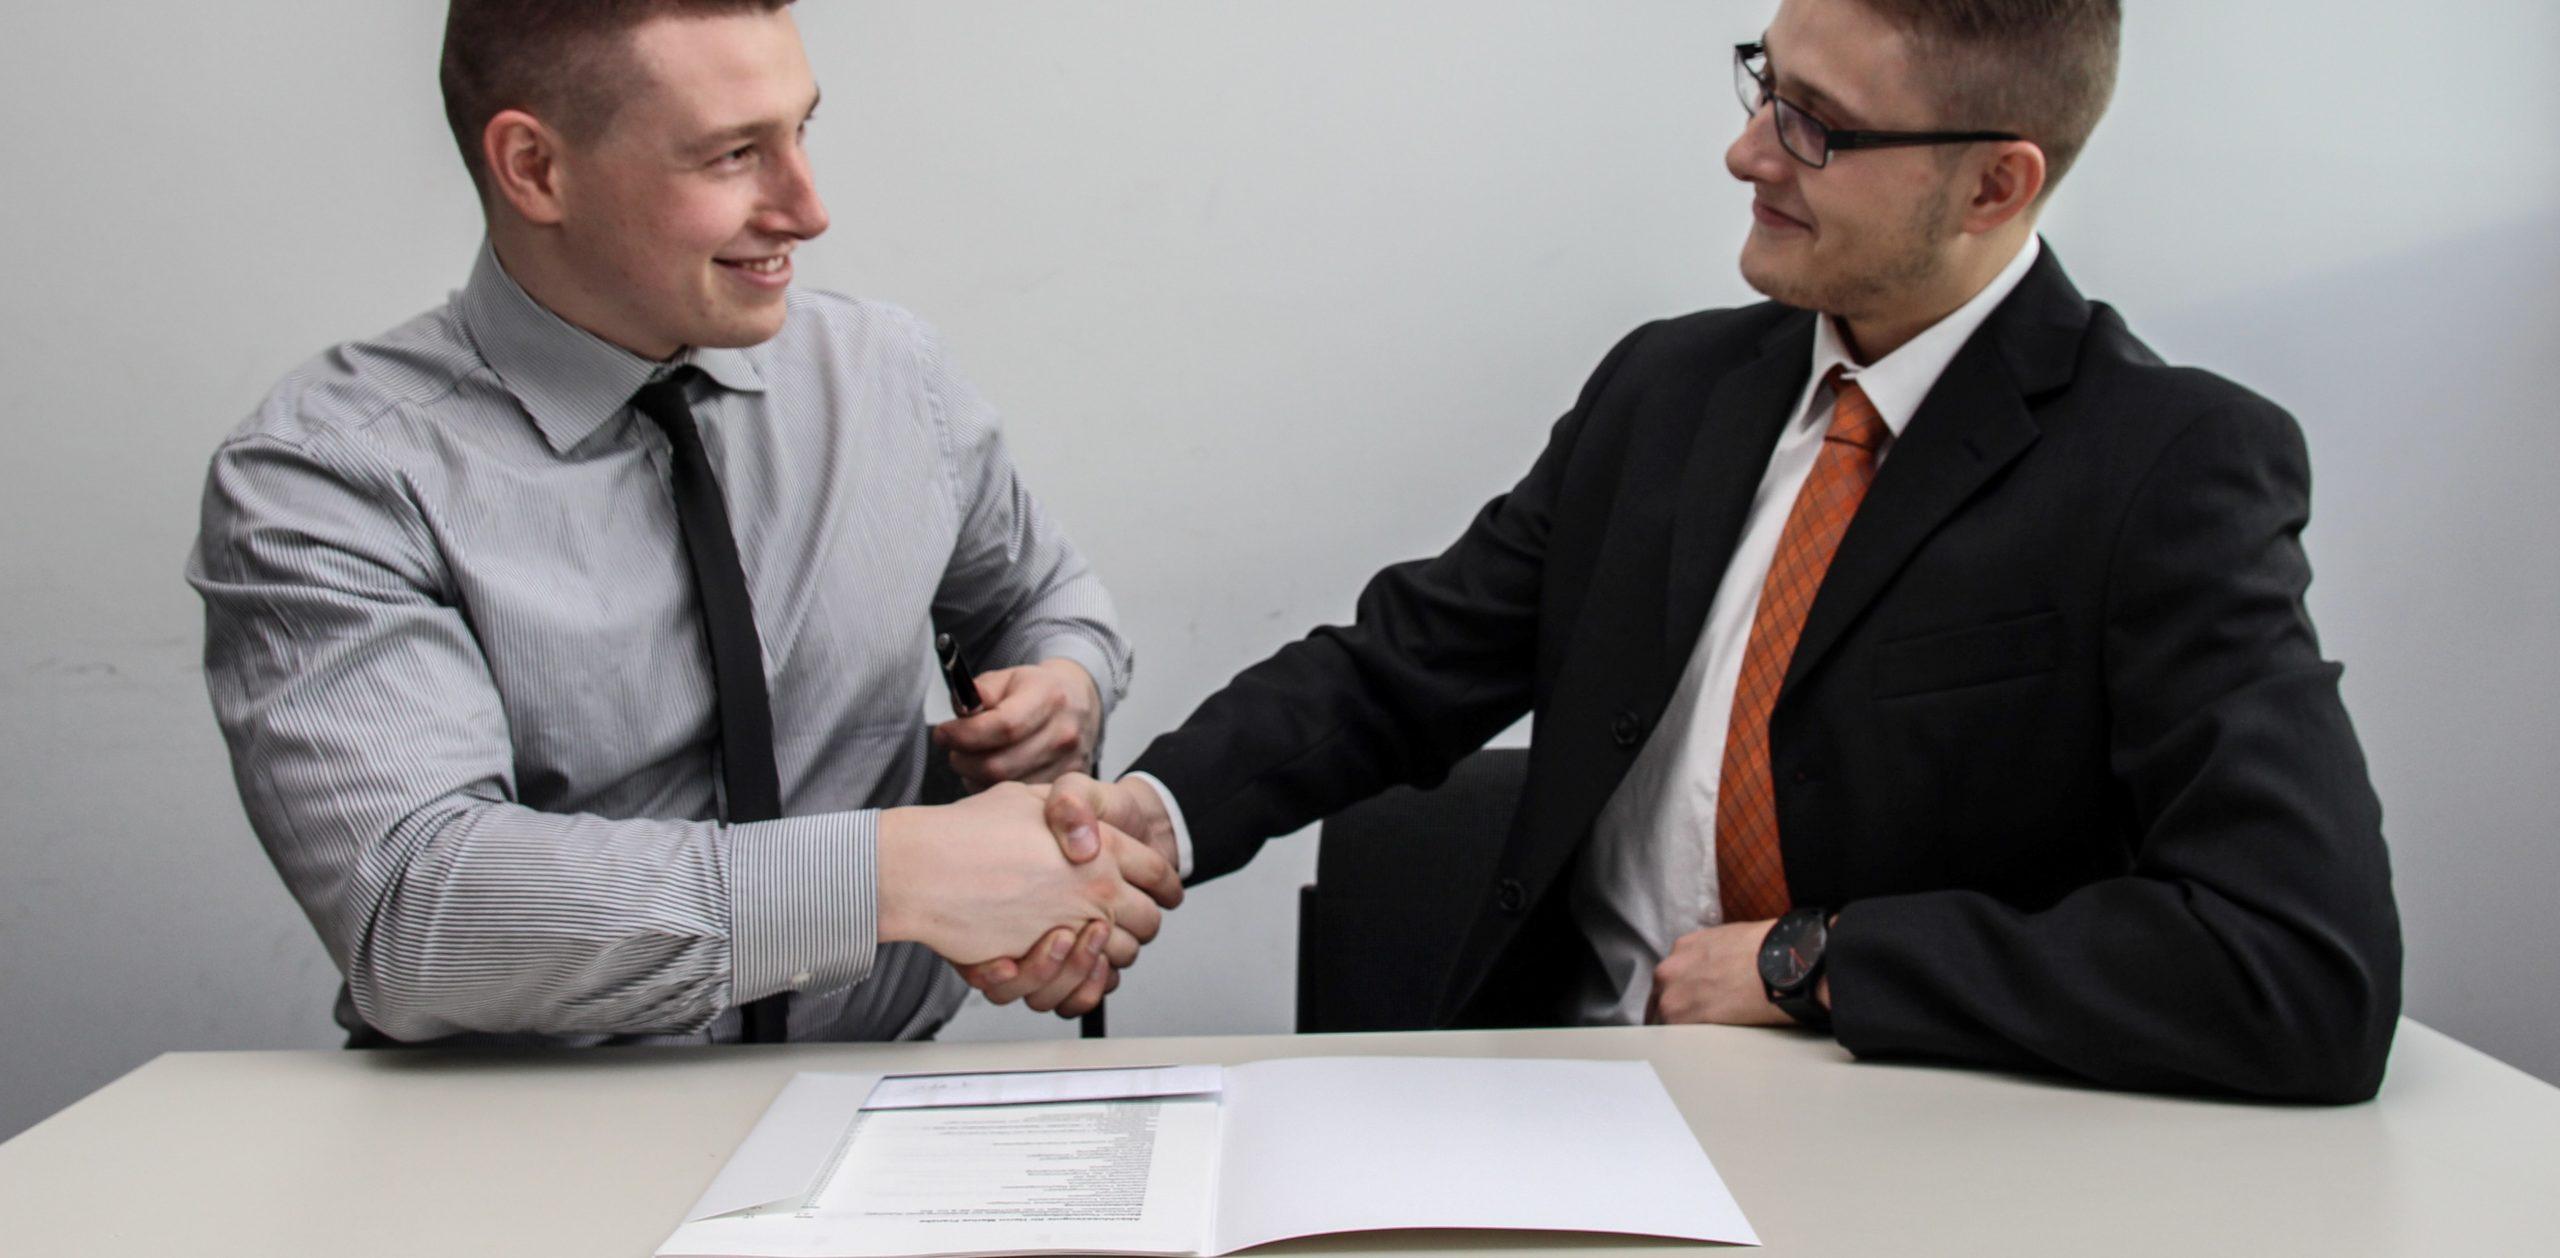 ¿Cómo mejorar tus oportunidades de empleabilidad?